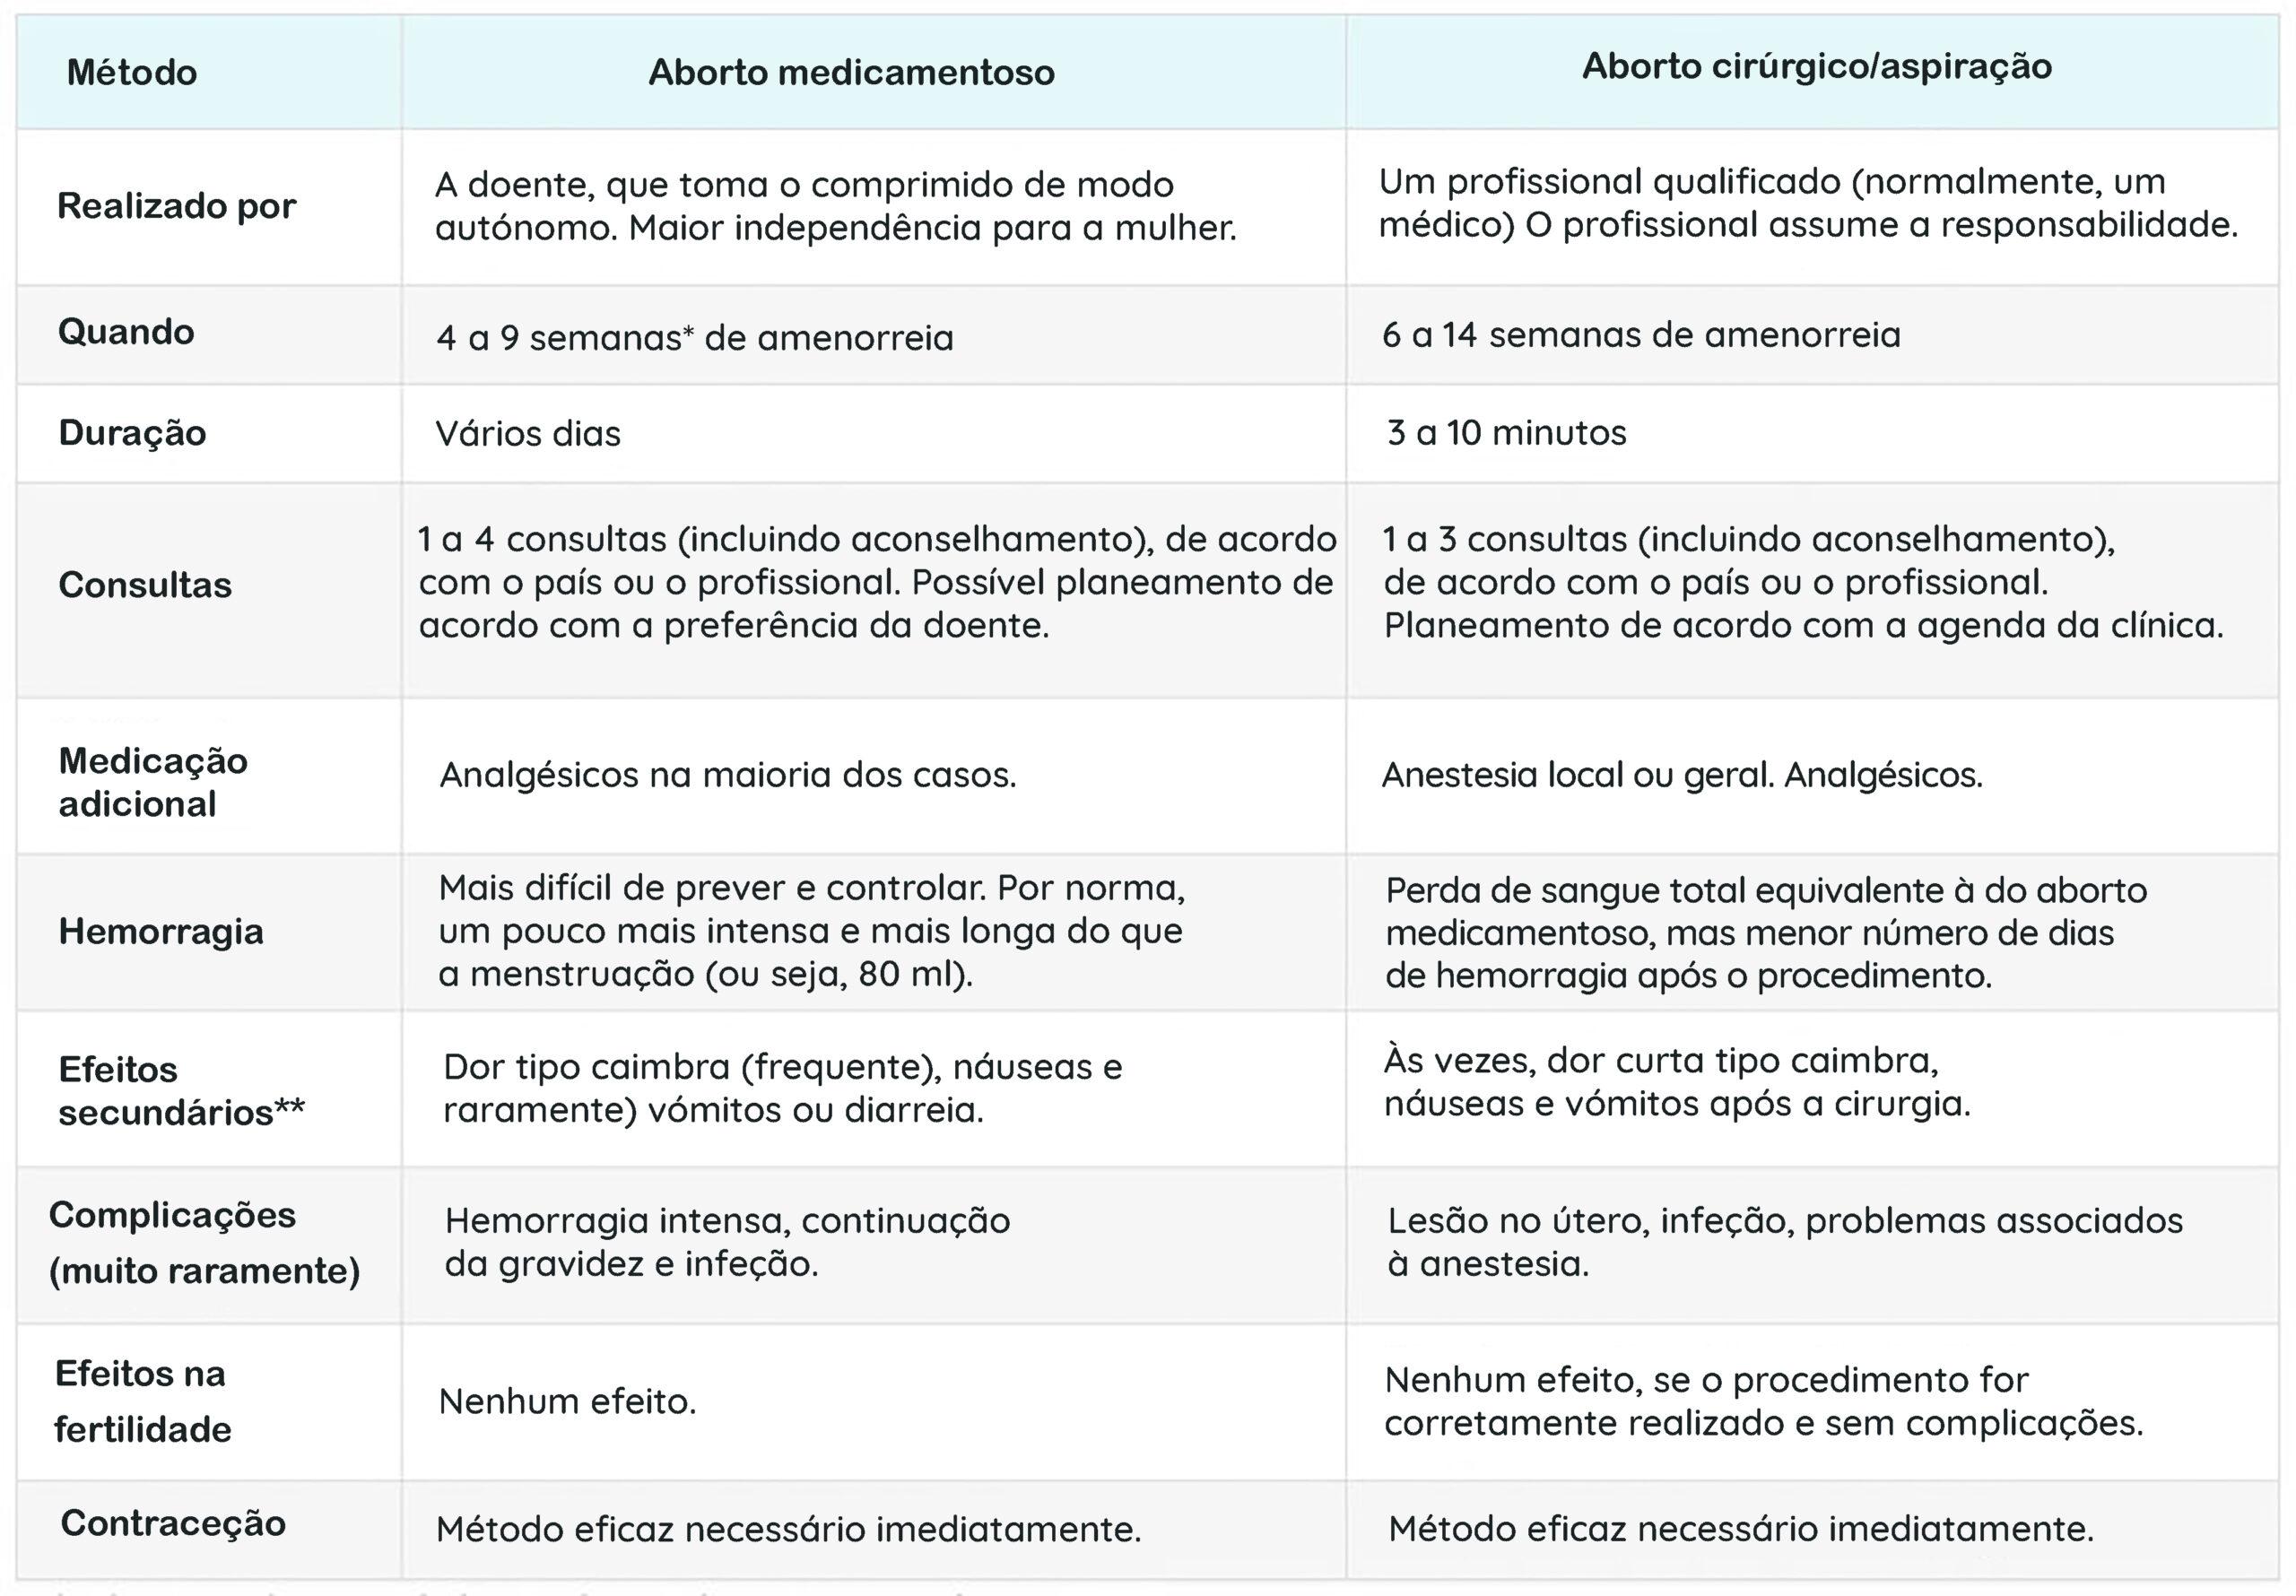 Comparação dos dois métodos